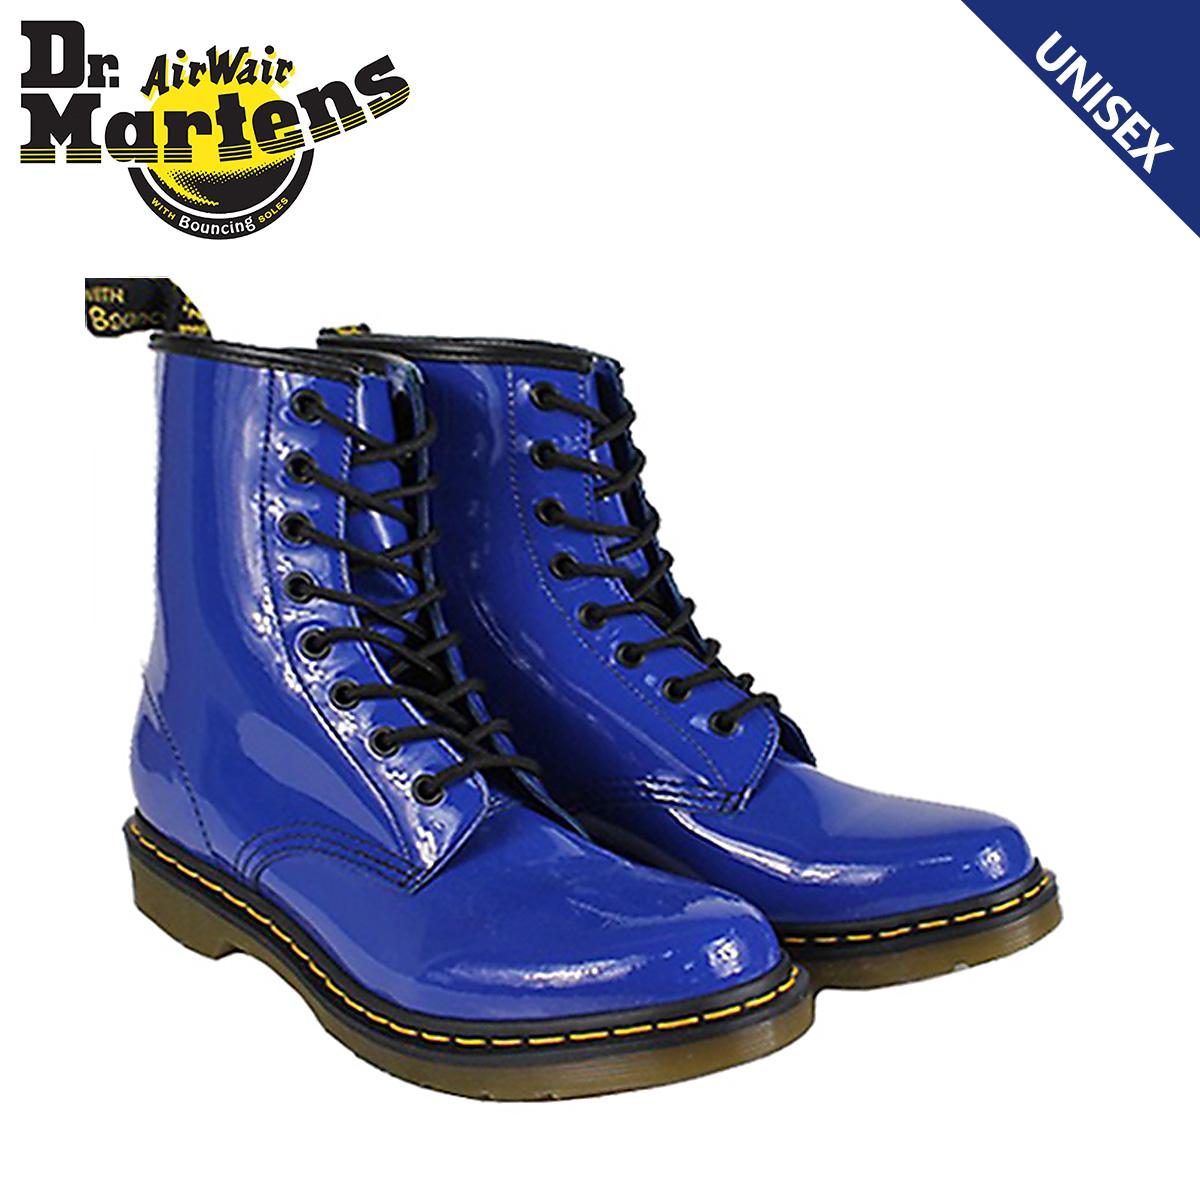 Dr.Martens ドクターマーチン 1460 8ホール ブーツ レディース WOMENS 8 EYE BOOT R11821409 メンズ